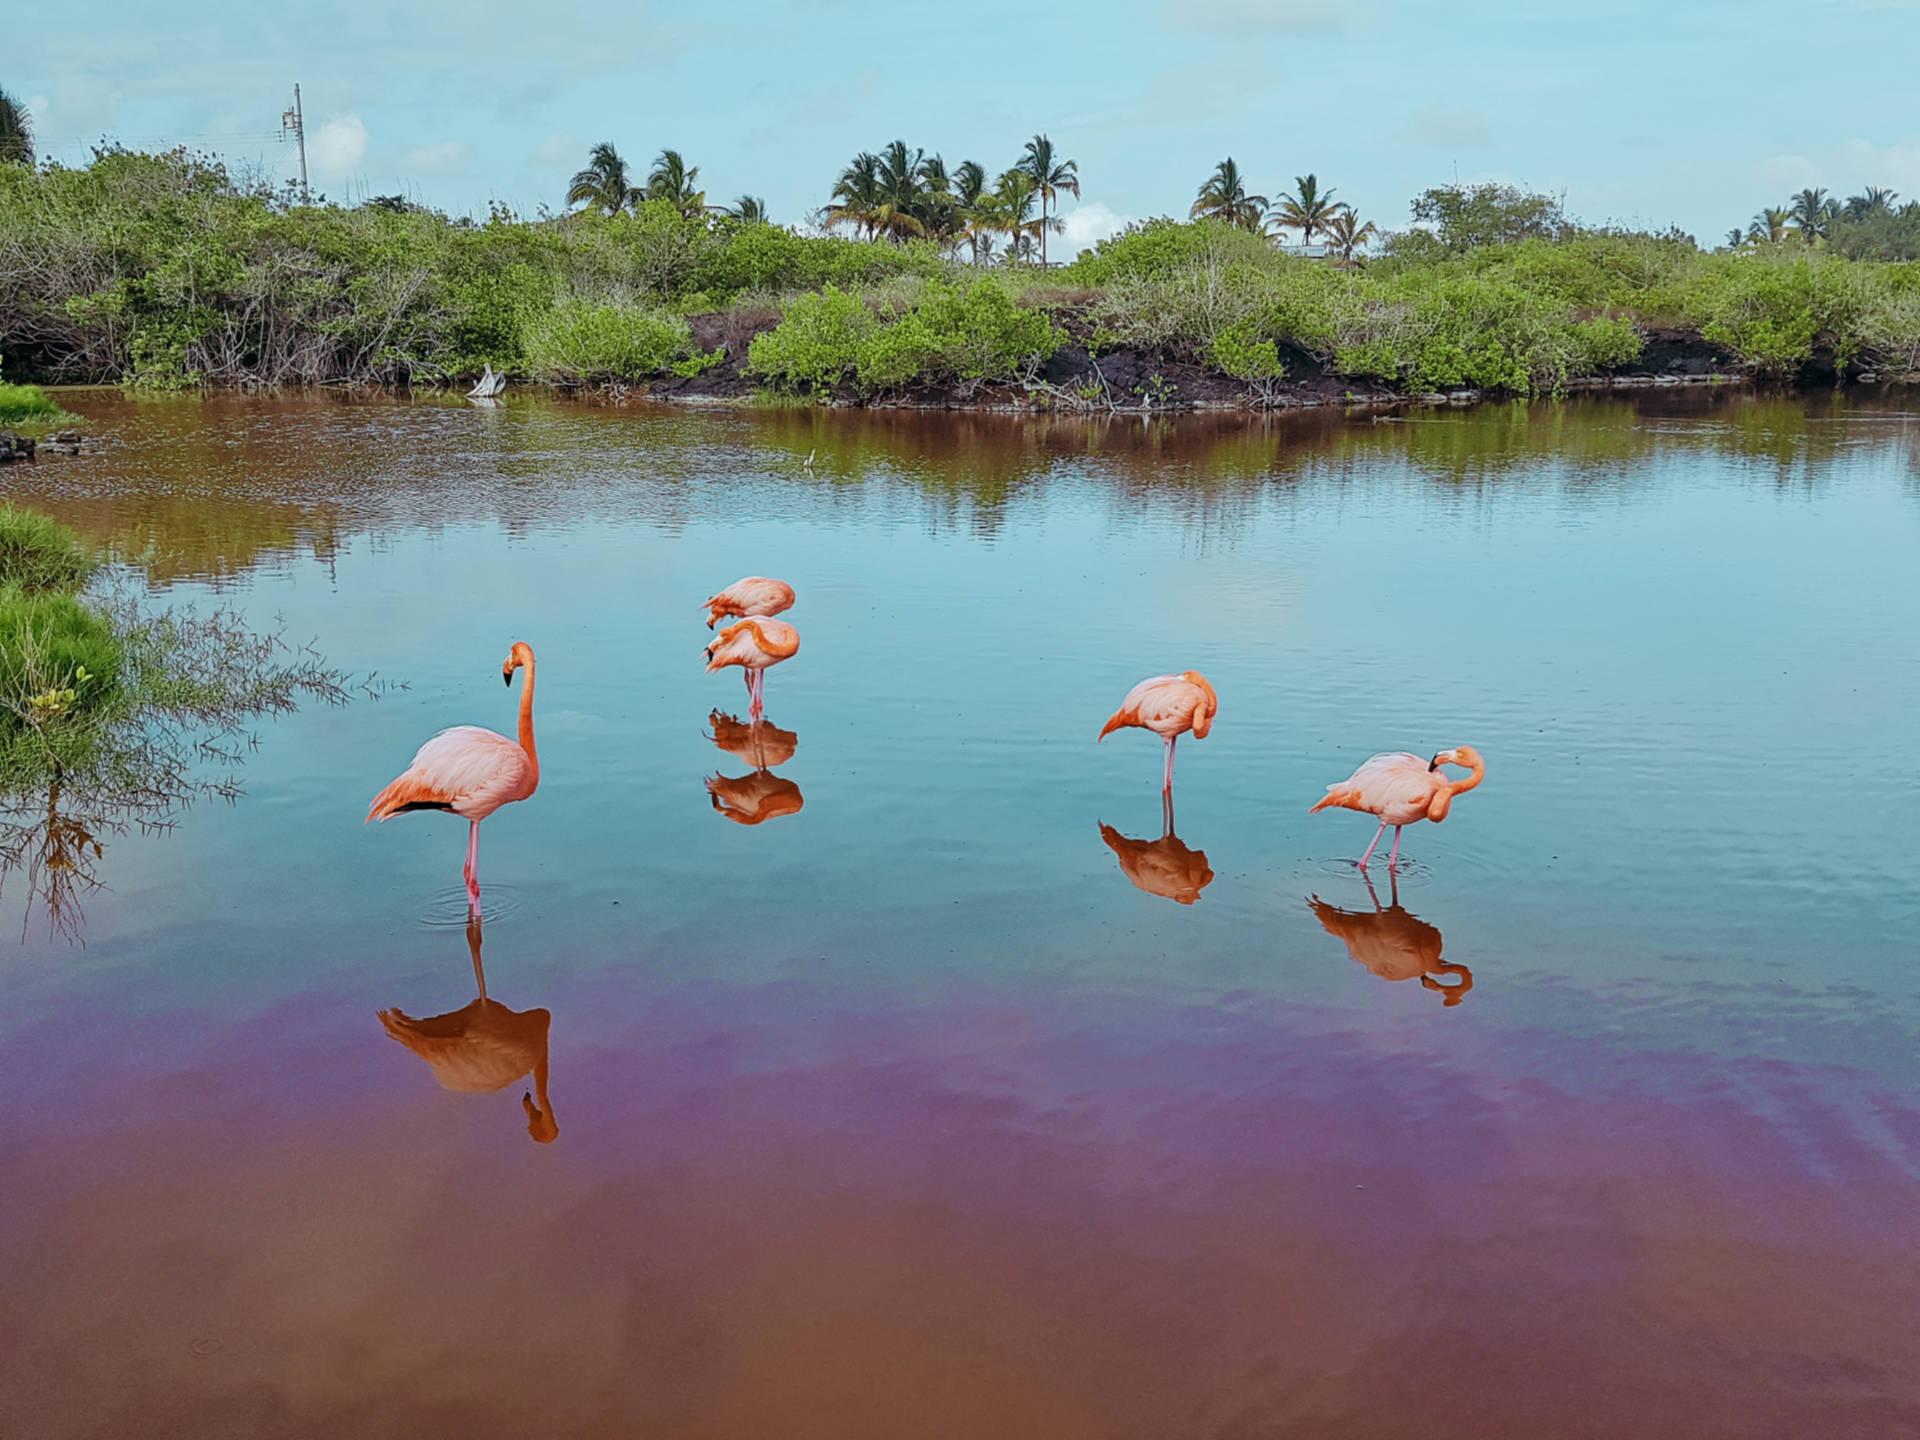 Jak tanio zwiedzić Wyspy Galapagos Darmowe atrakcje nawyspach (24)